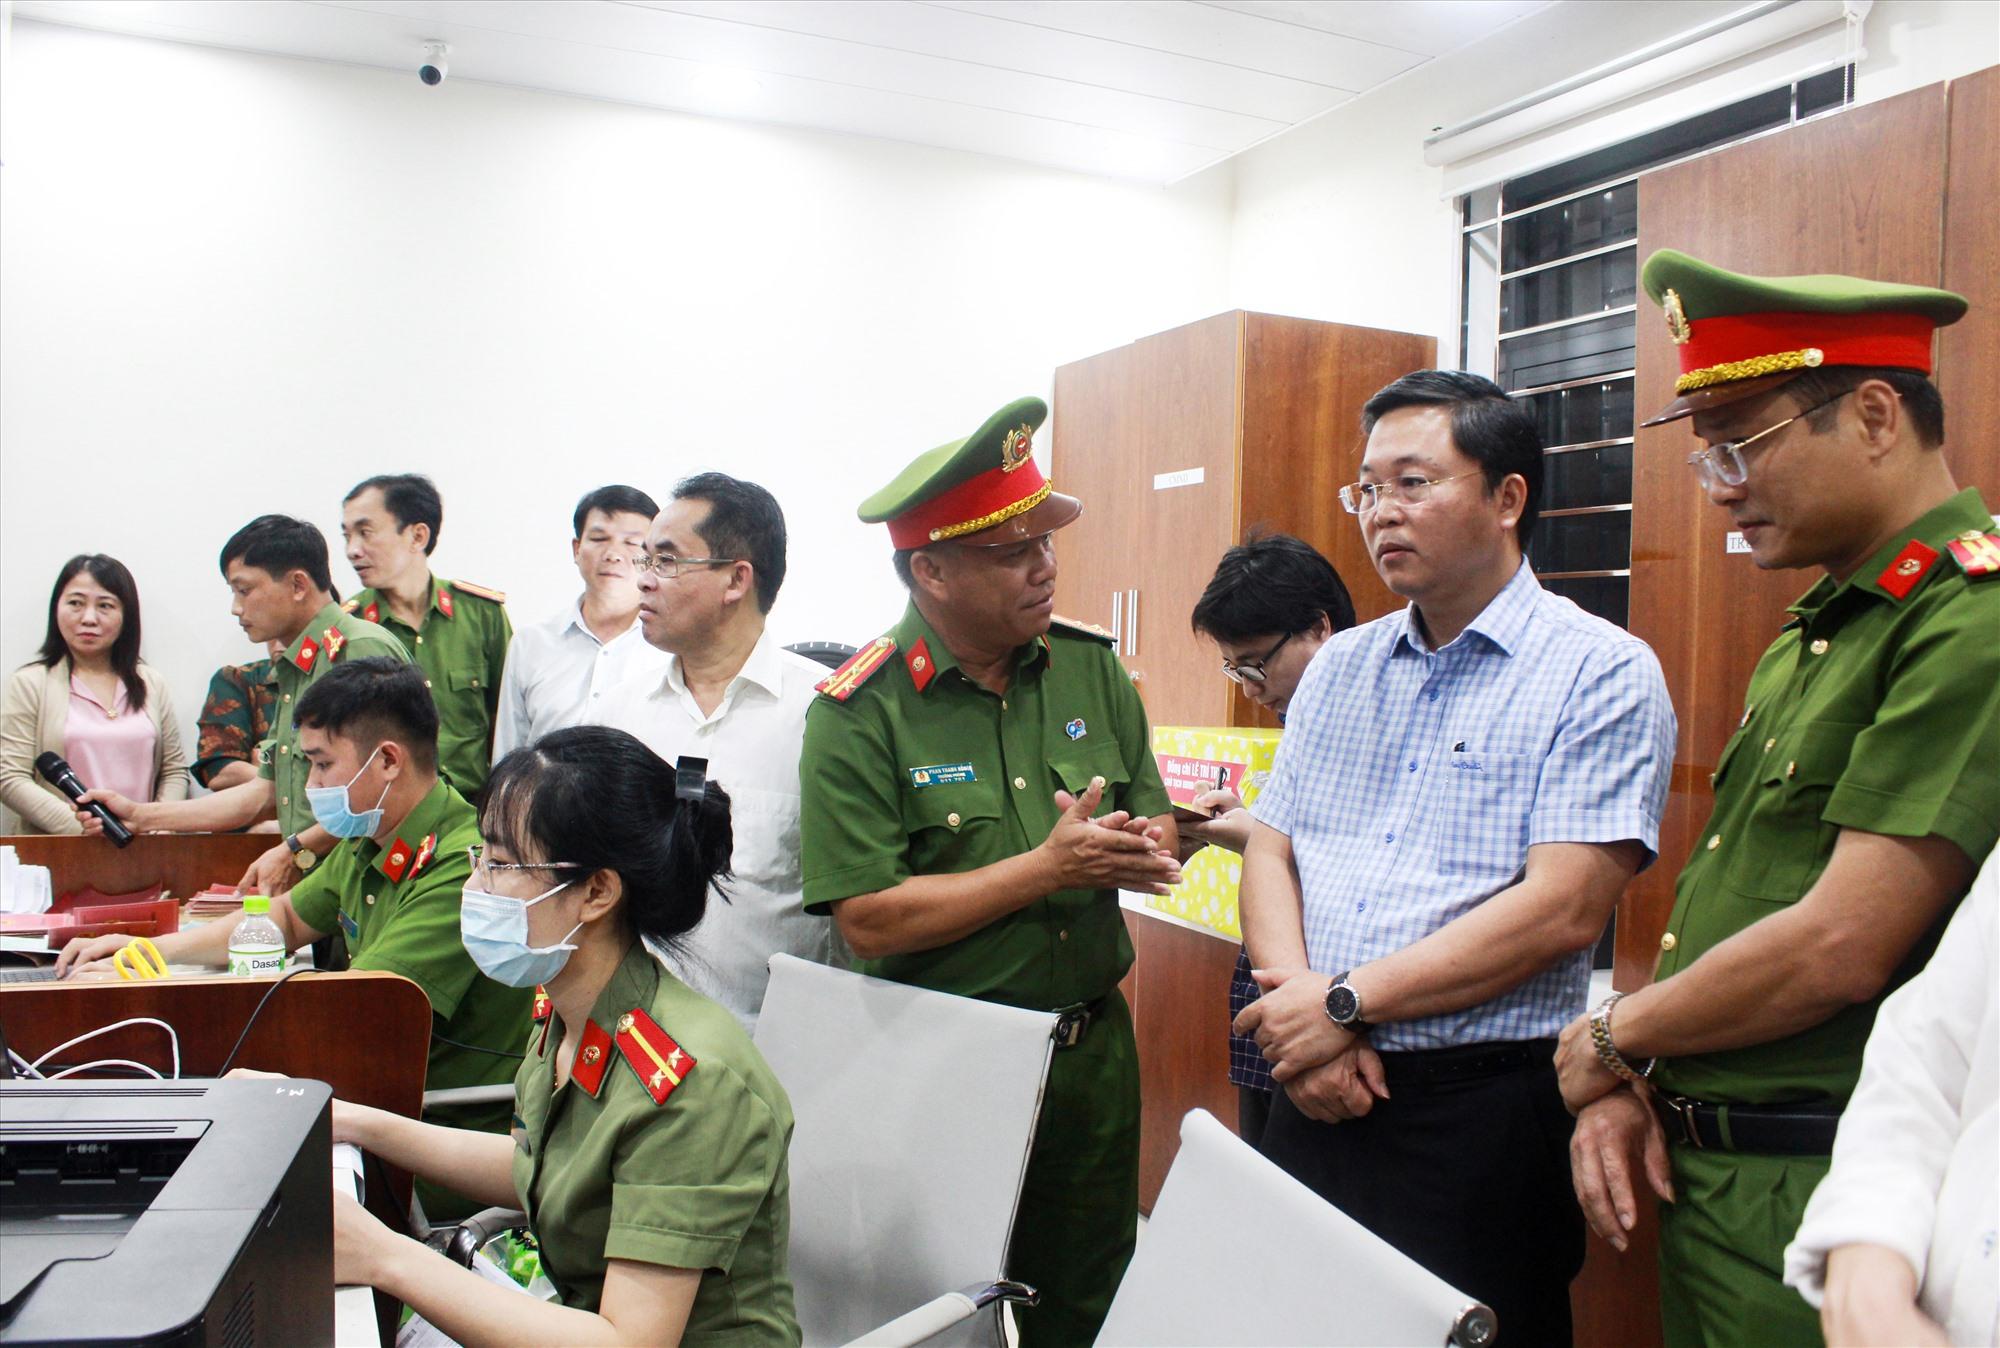 Chủ tịch UBND tỉnh Lê Trí Thanh kiểm tra công tác cấp CCCD tại Trung tâm Hành chính công TP.Tam Kỳ. Ảnh: T.C